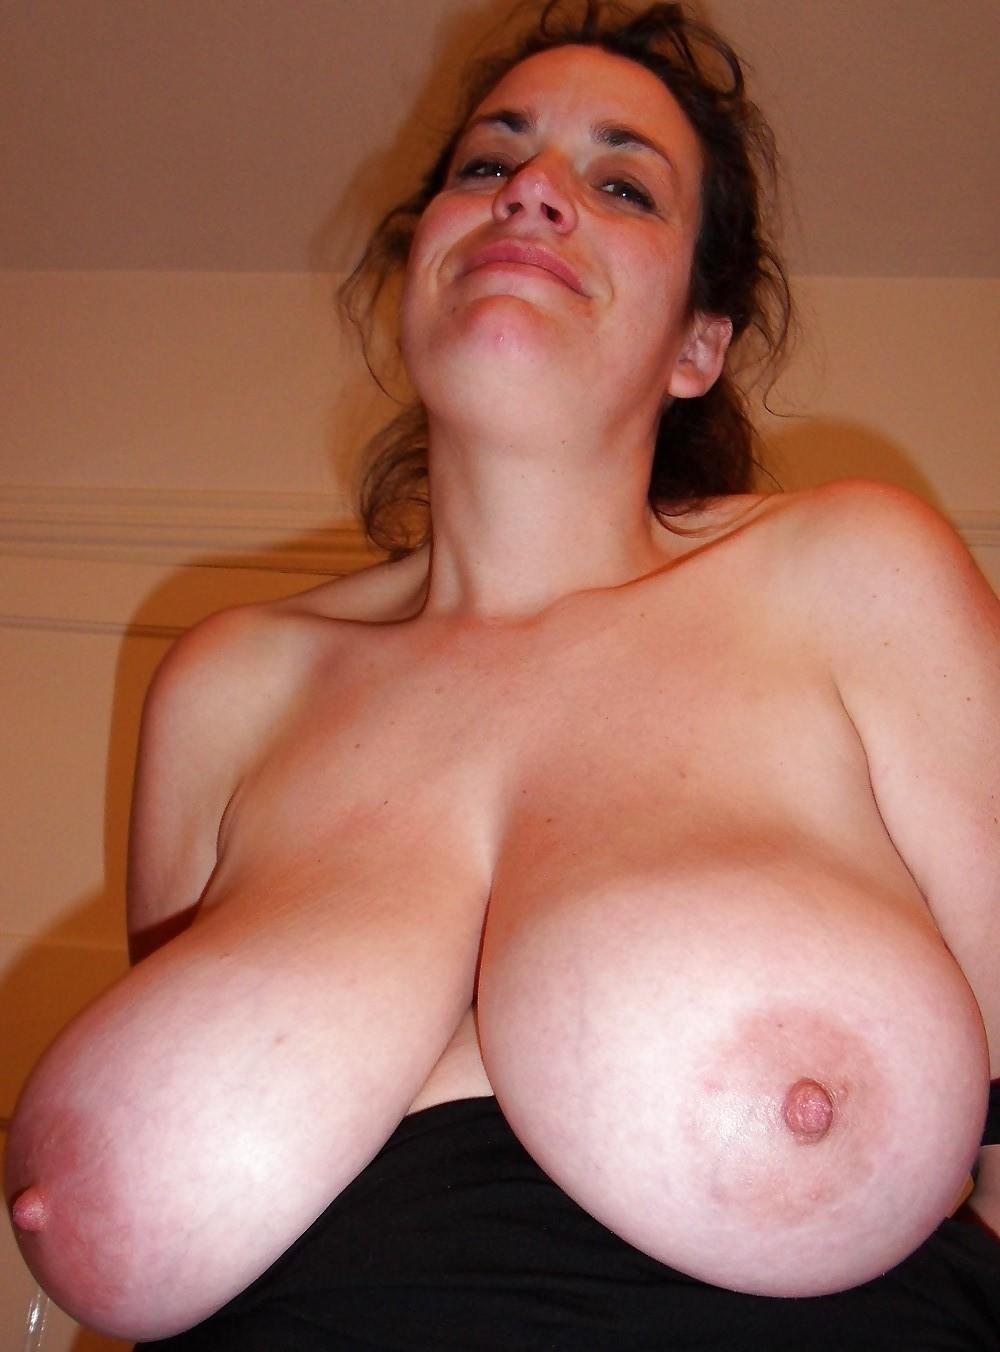 Brunett med stora mjölkfyllda bröst söker beröring